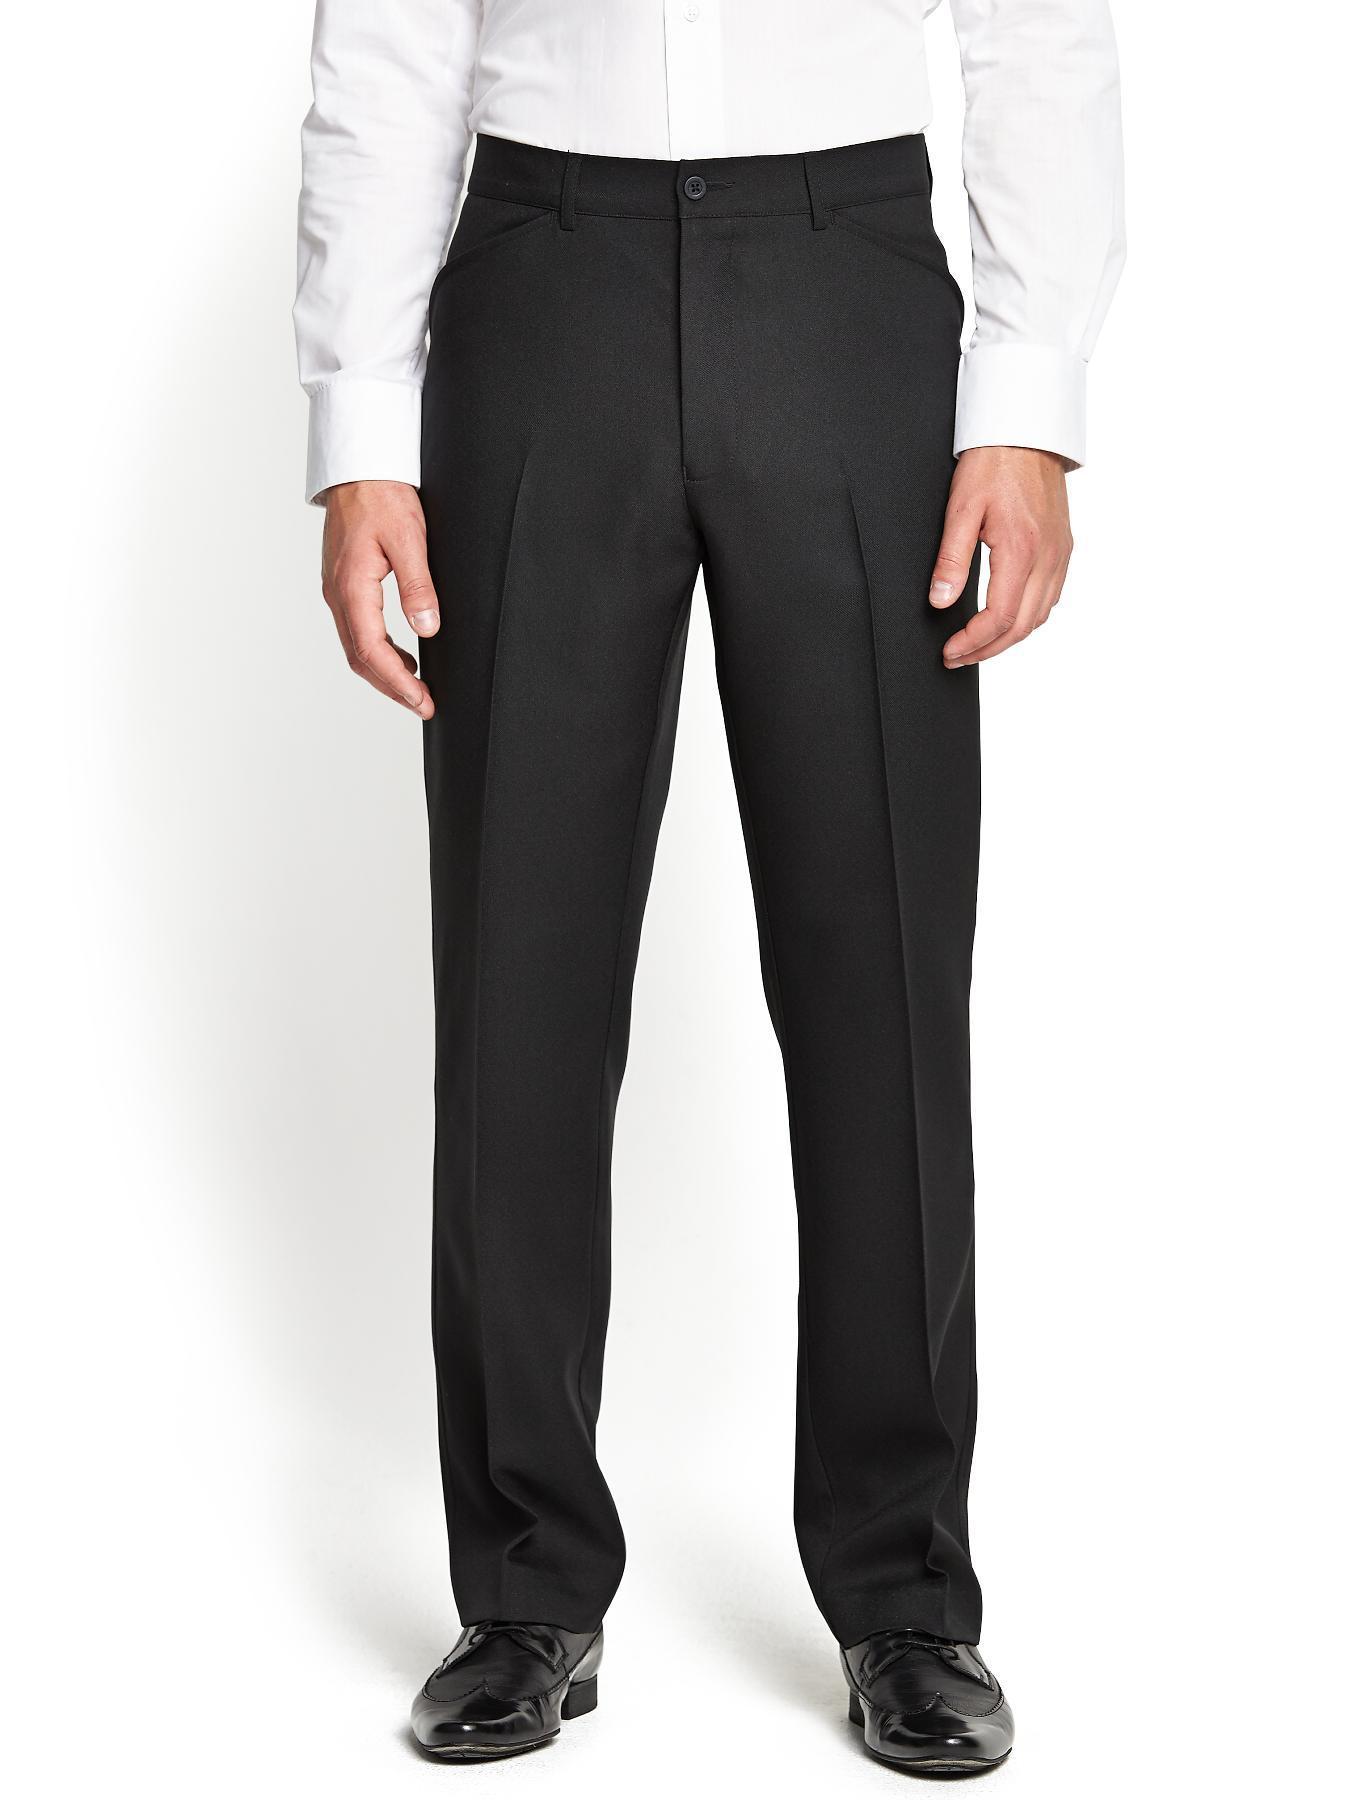 Farah Classic Mens Trousers - Black - Black, Black